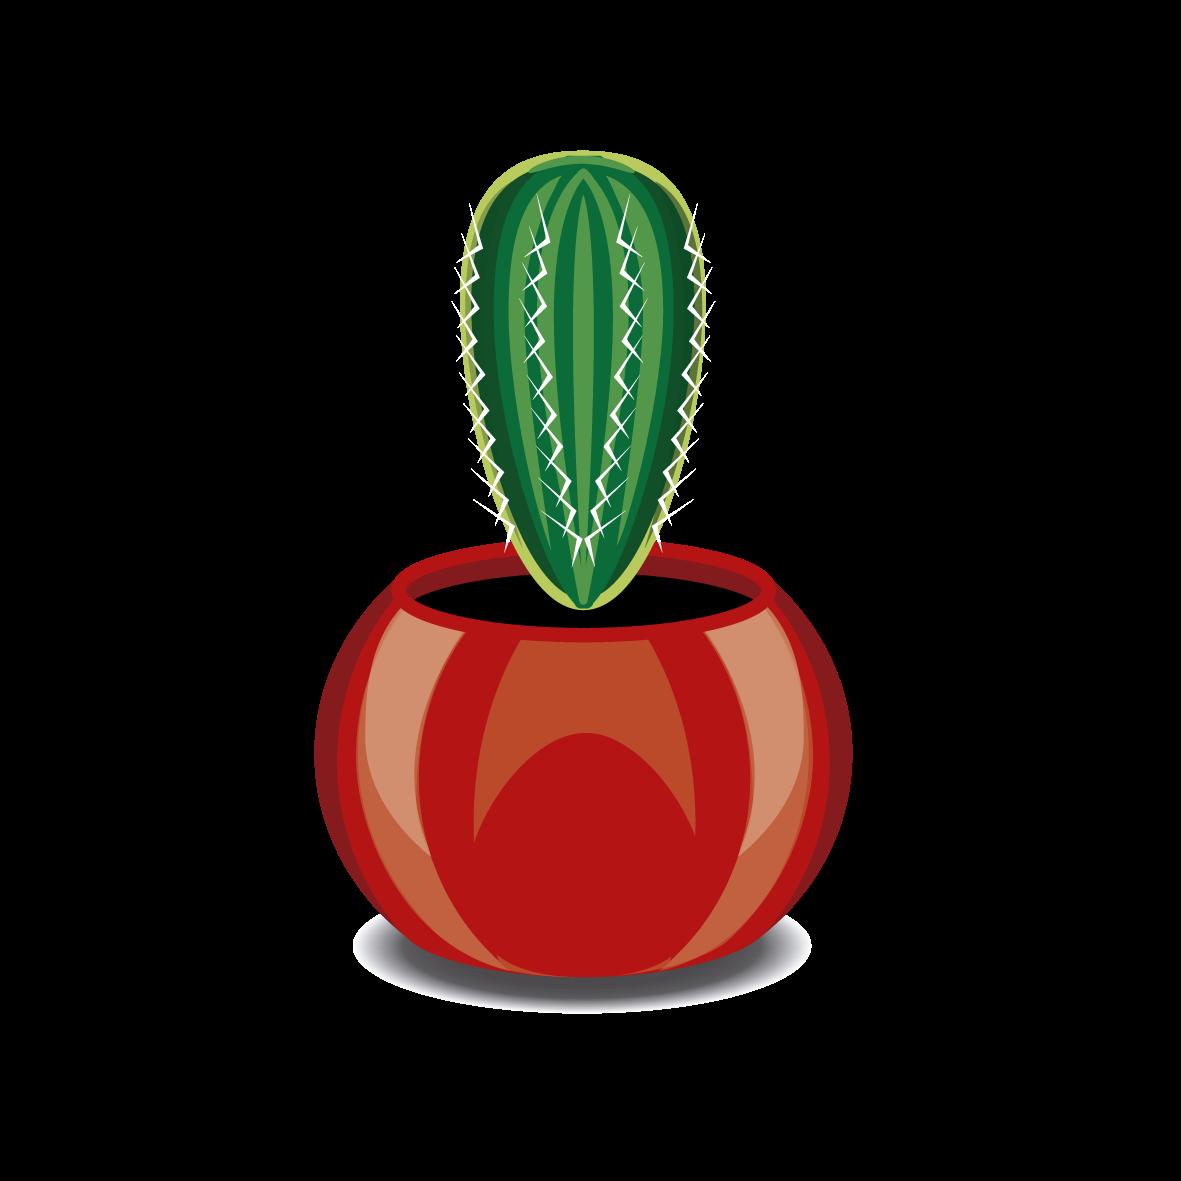 cactus01-10-11-12-13